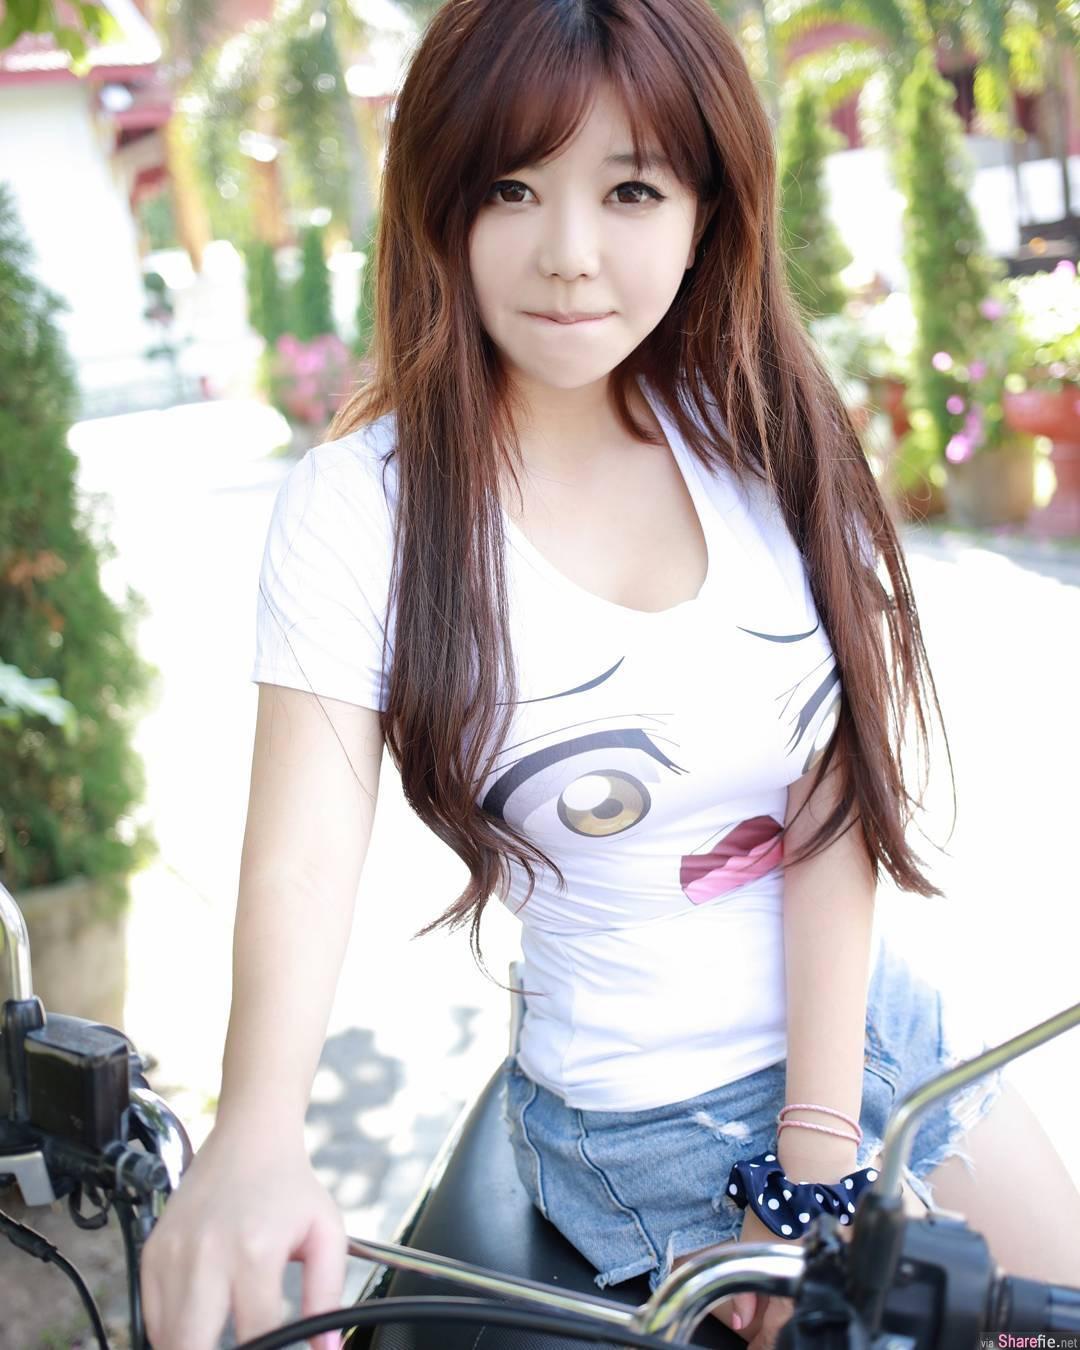 水瓶座正妹 Jake Liu 清新甜美身材爆好 网友:一手无法掌握